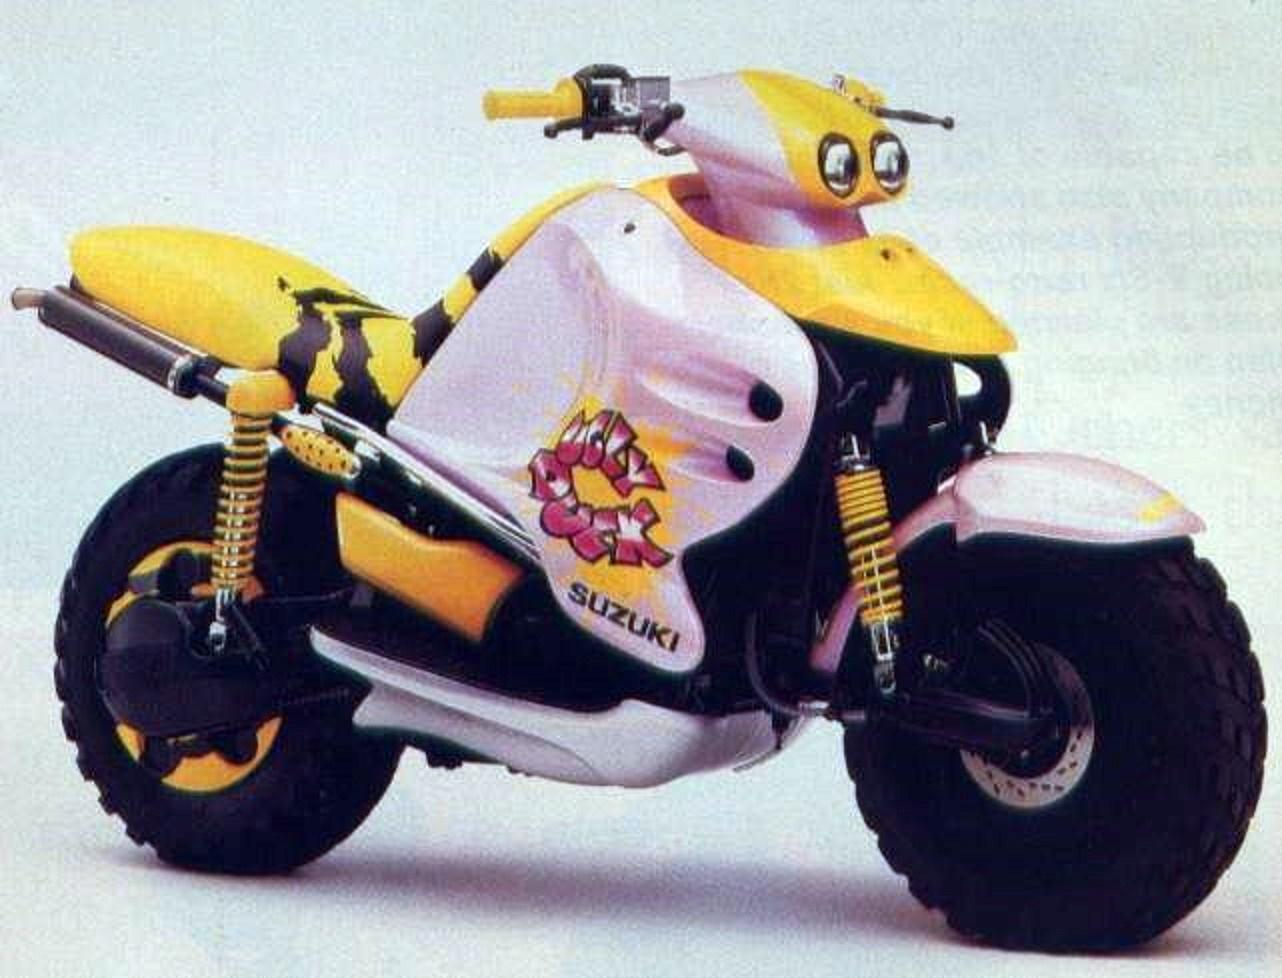 """Moto del día: Suzuki XF 425 """"Ugly Duck"""""""